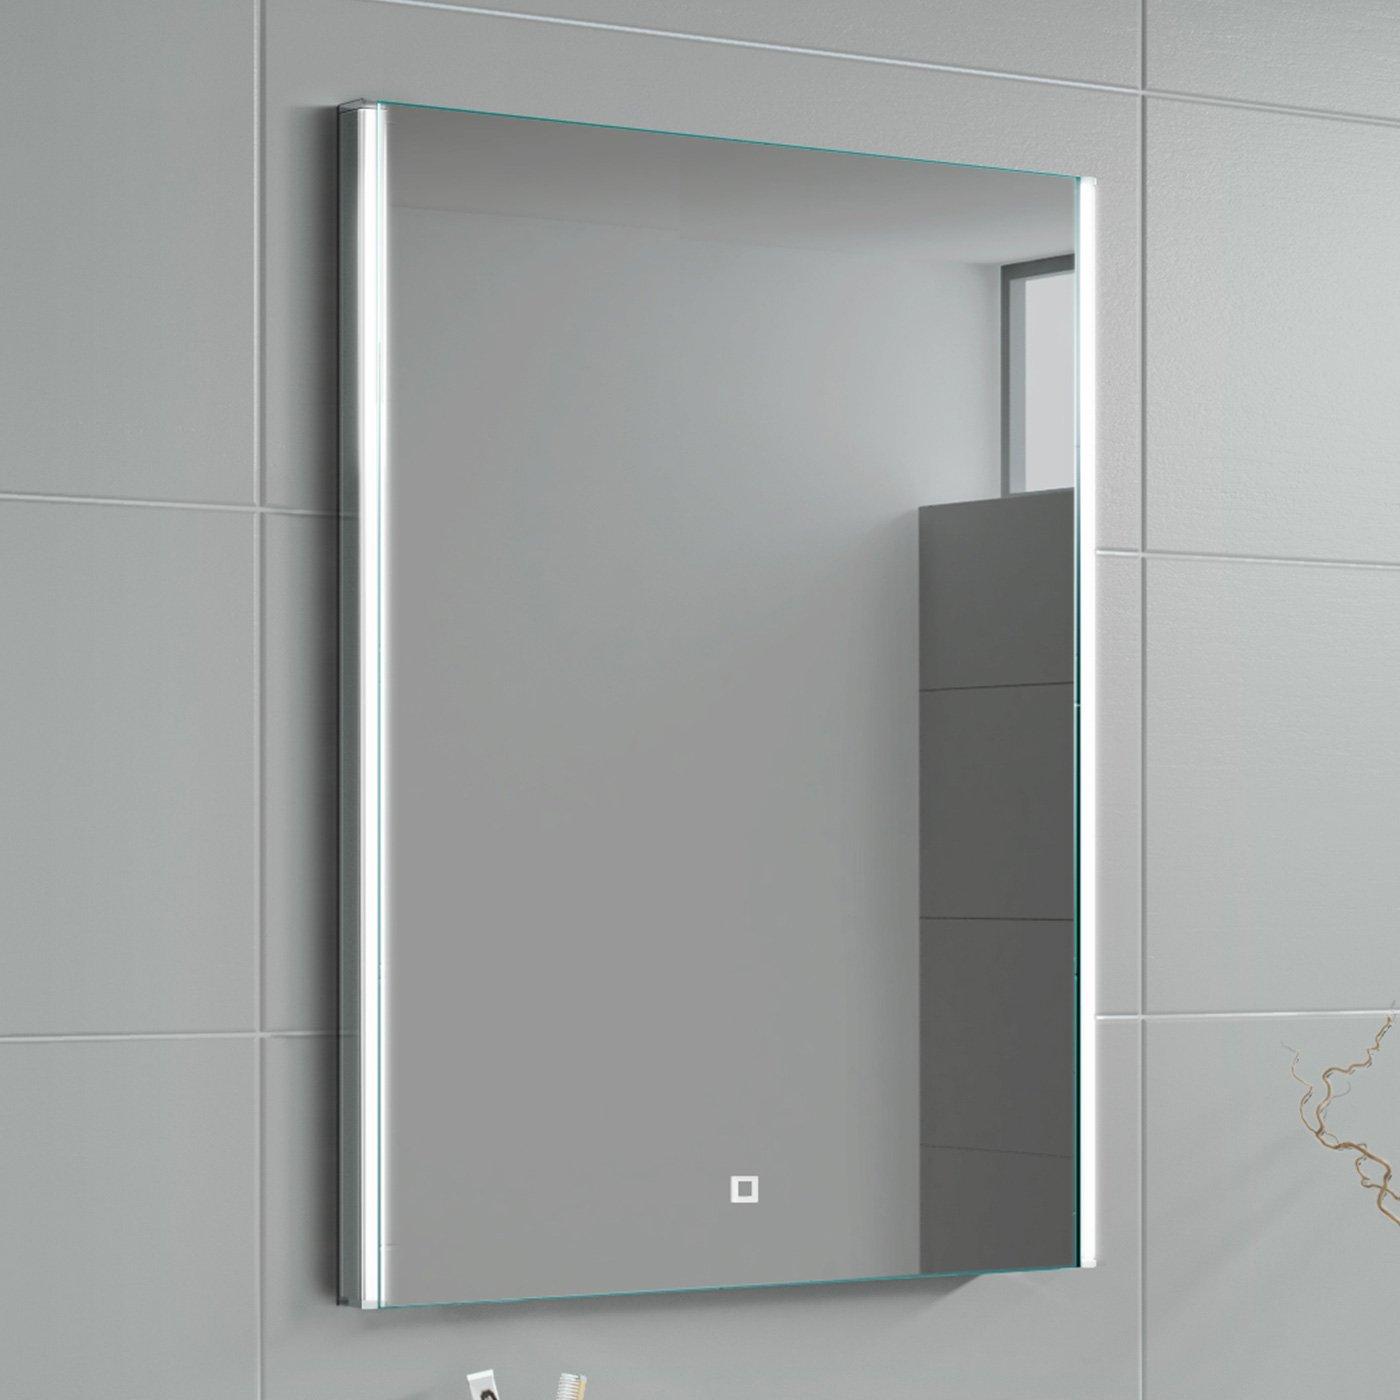 Design Moderno soak Specchio per Bagno con Illuminazione a LED e Sensore Tattile Luce 700 x 500 mm